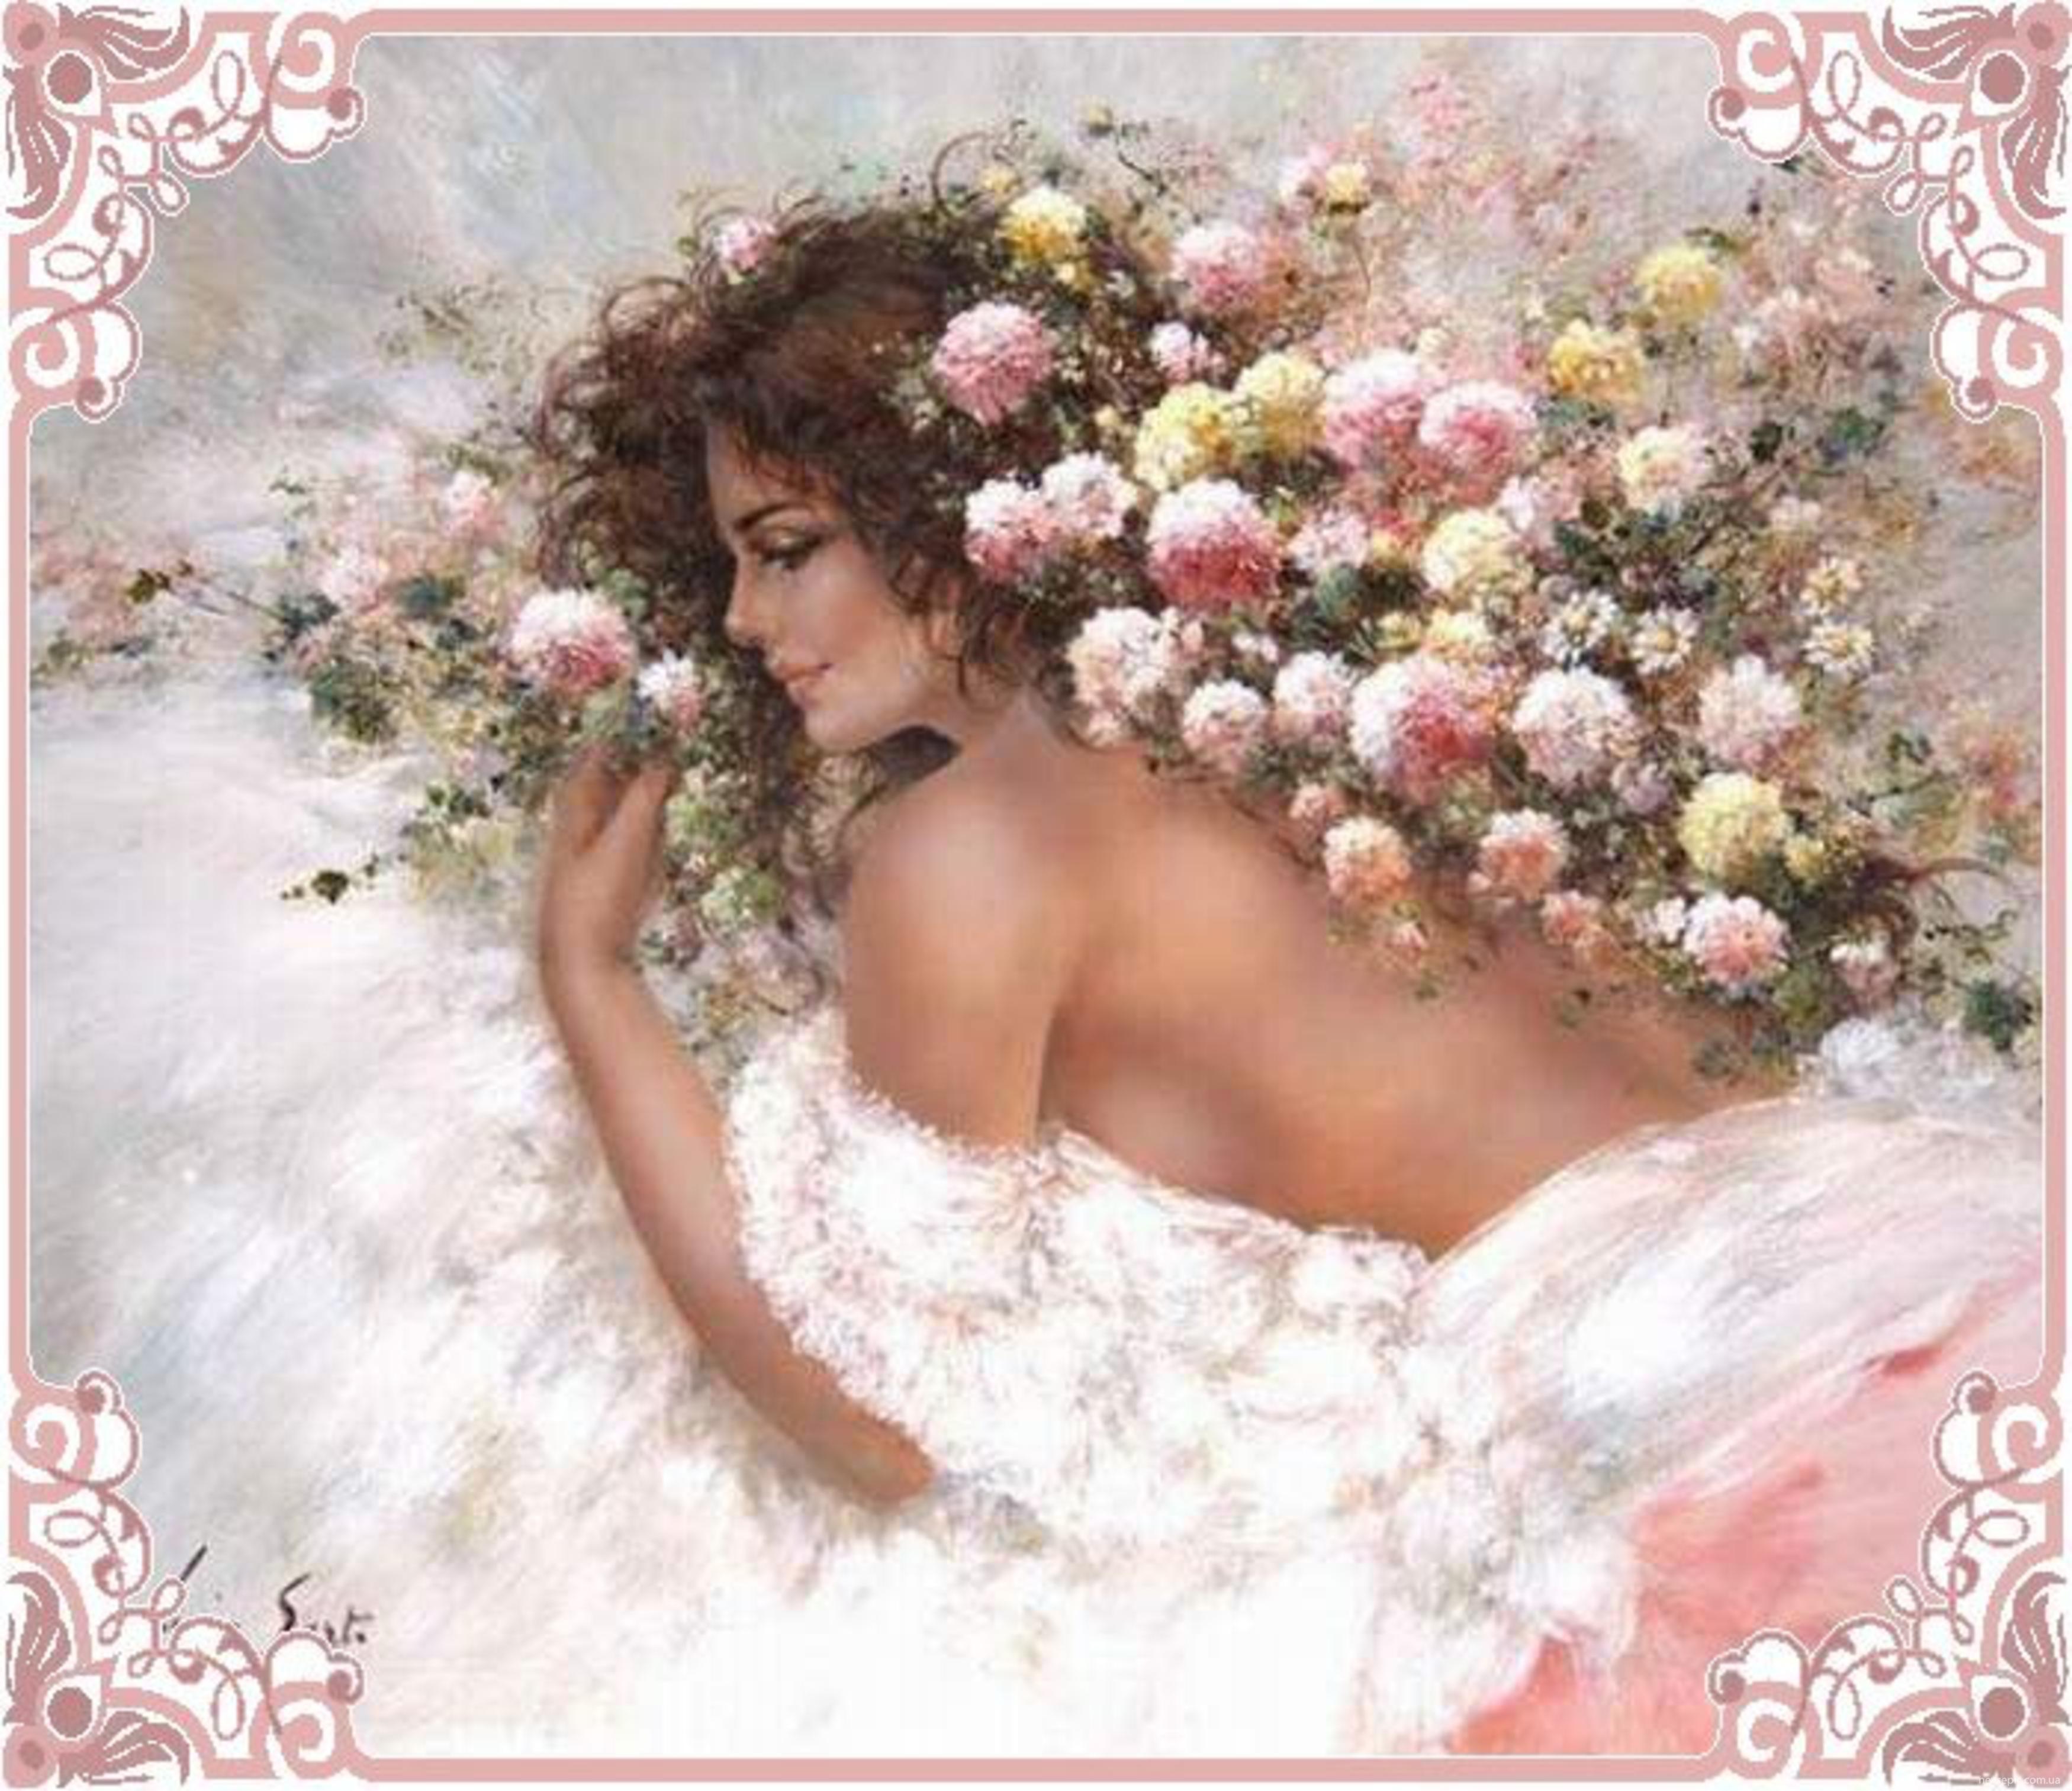 Фотографии прекрасных женщин 5 фотография